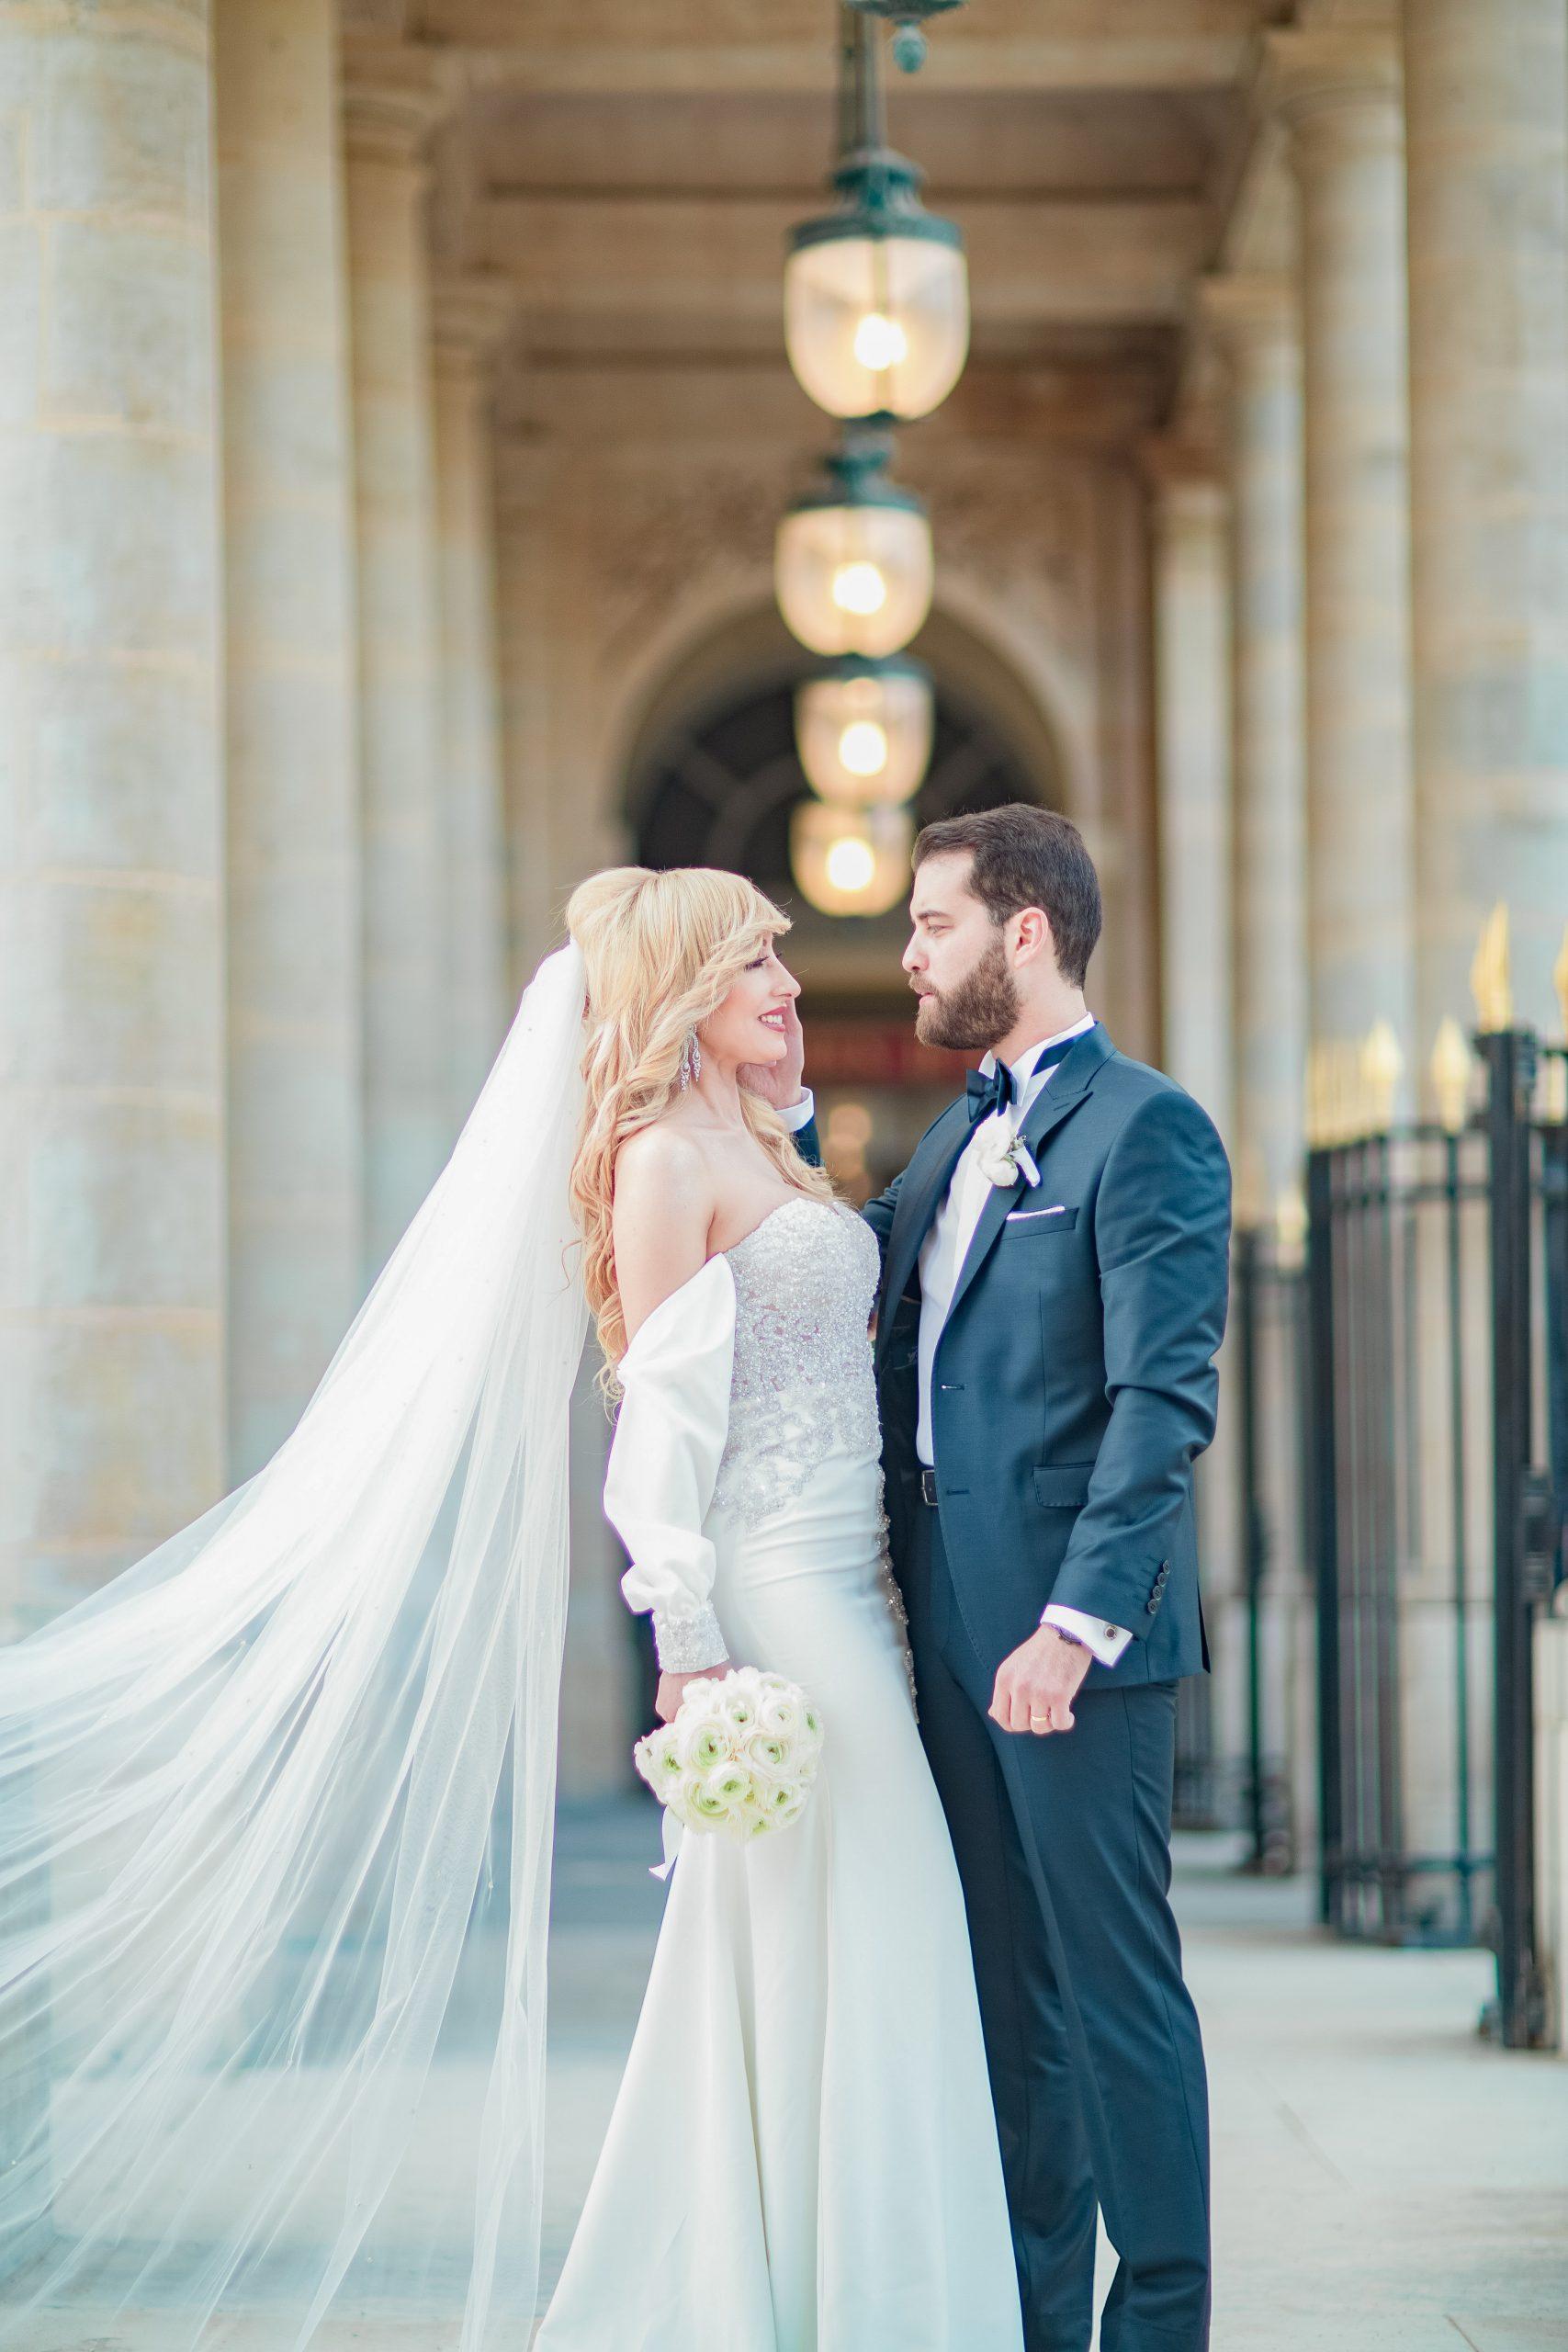 photographie-mariage-photos-mariés-palais-royale